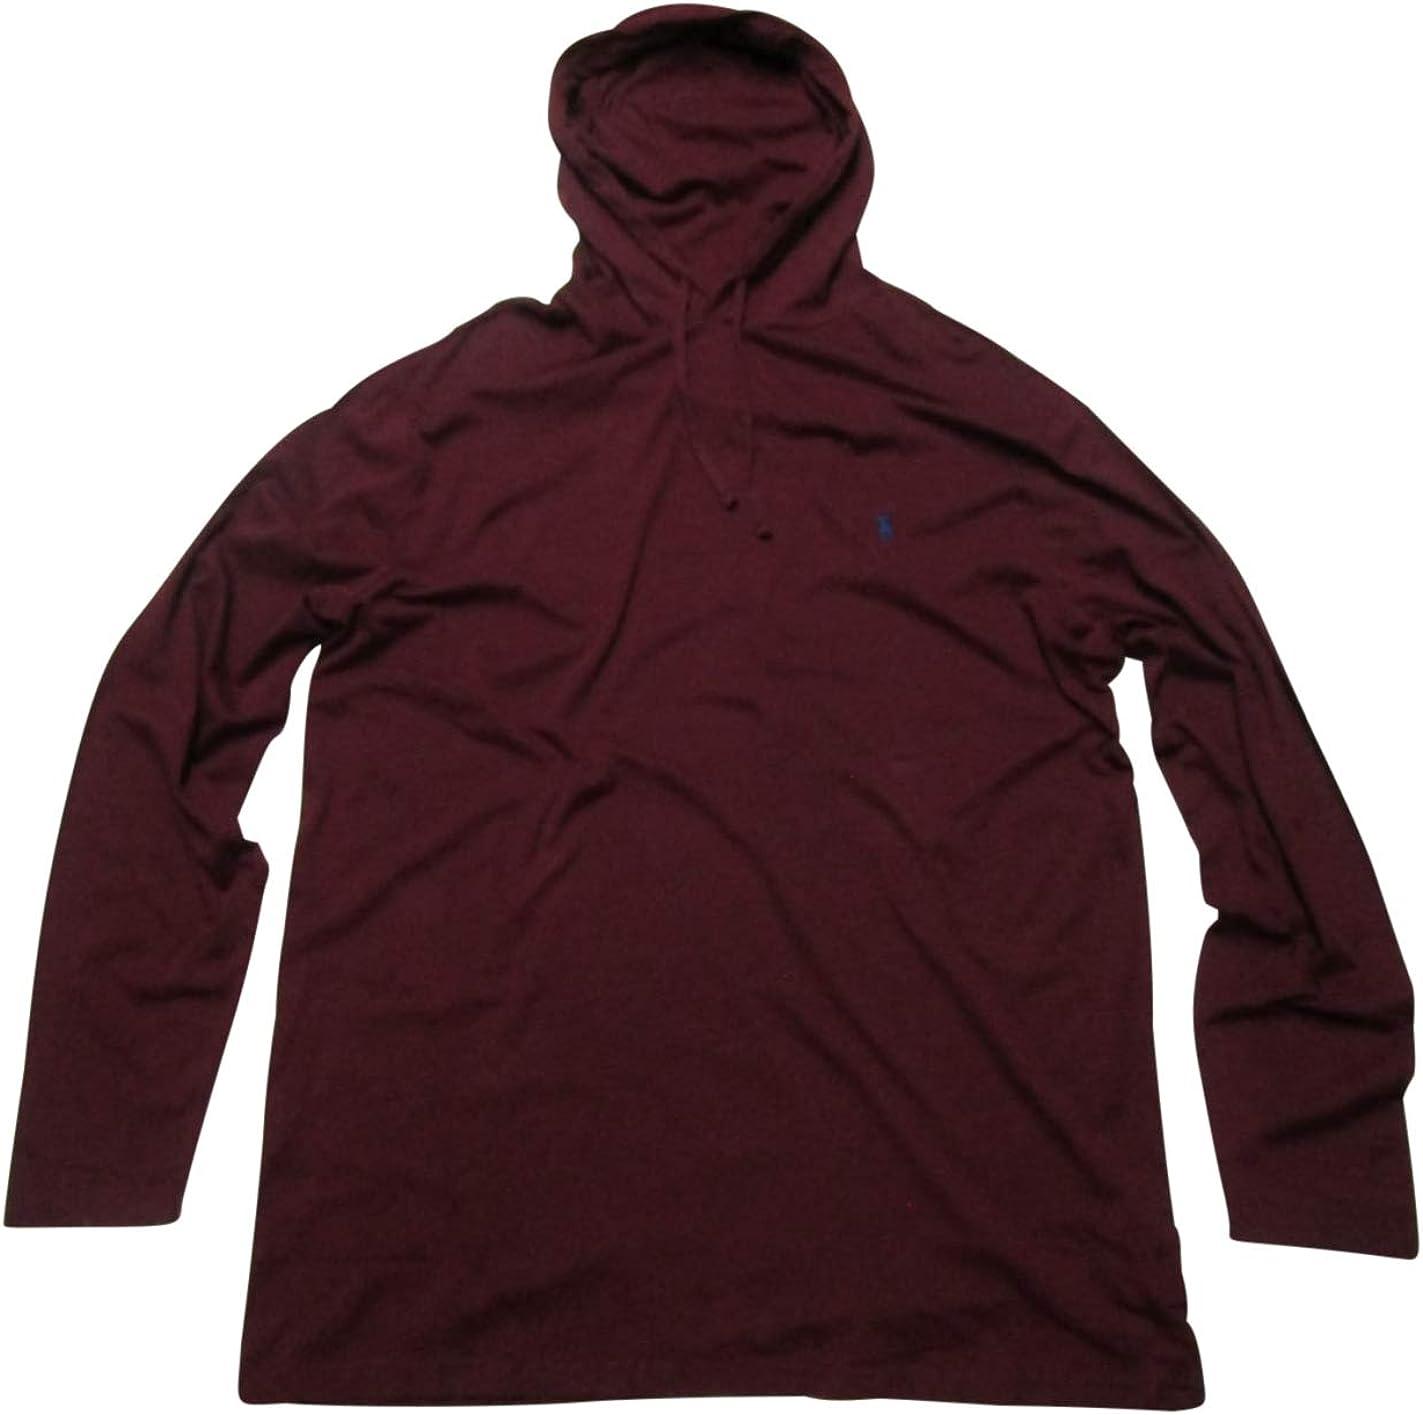 Ralph Lauren Polo Men's Big and Tall Jersey Knit T-Shirt Hoodie